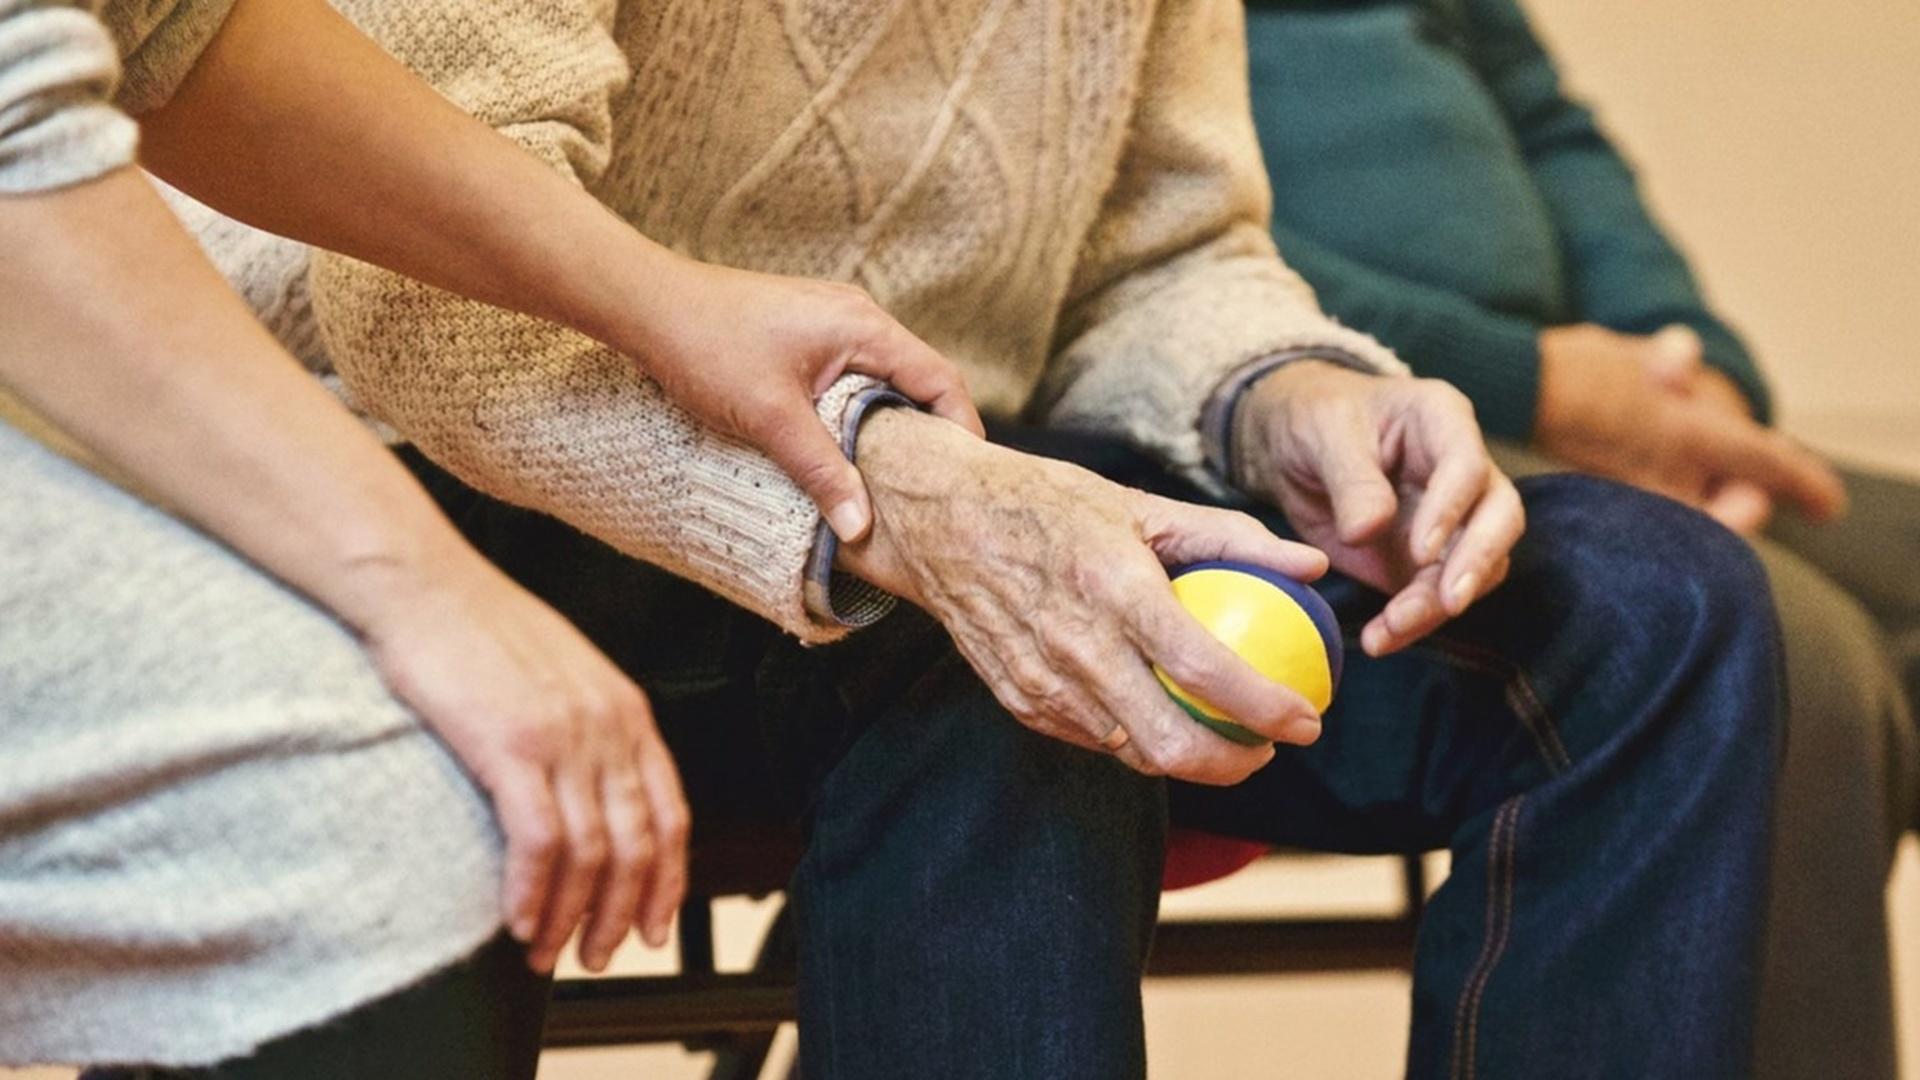 В РК бесплатно прооперировали 300 пациентов с болезнью Паркинсона